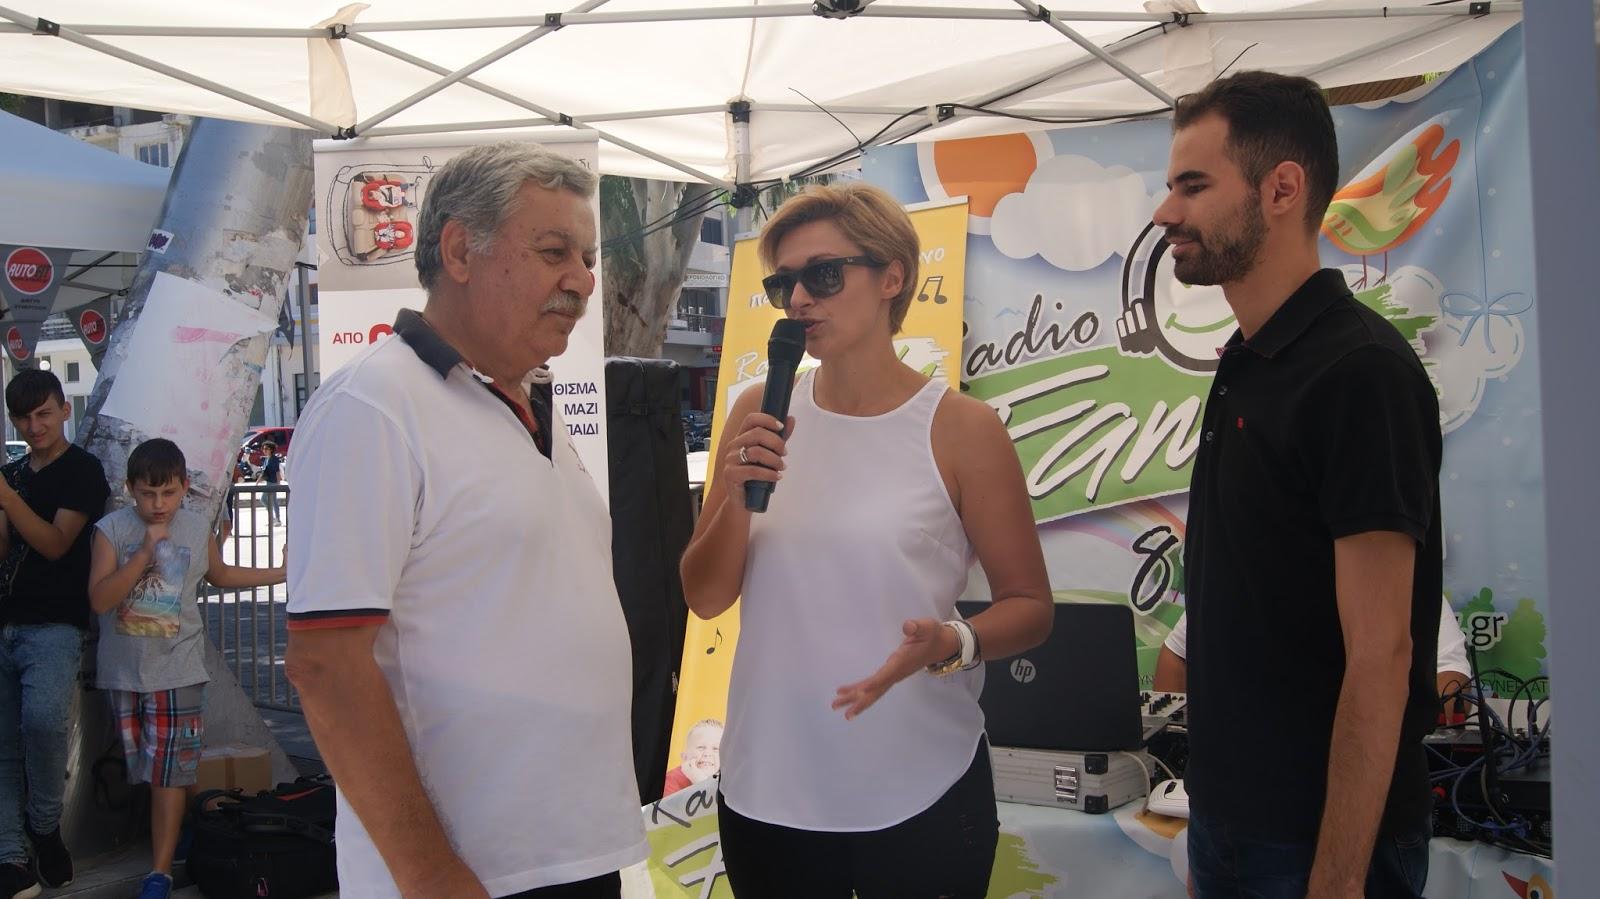 Ο κος Αυγουλάς και η κα Δαργαντή με τον Περιφερειακό Σύμβουλο κ. Νίκος Ξυλούρη